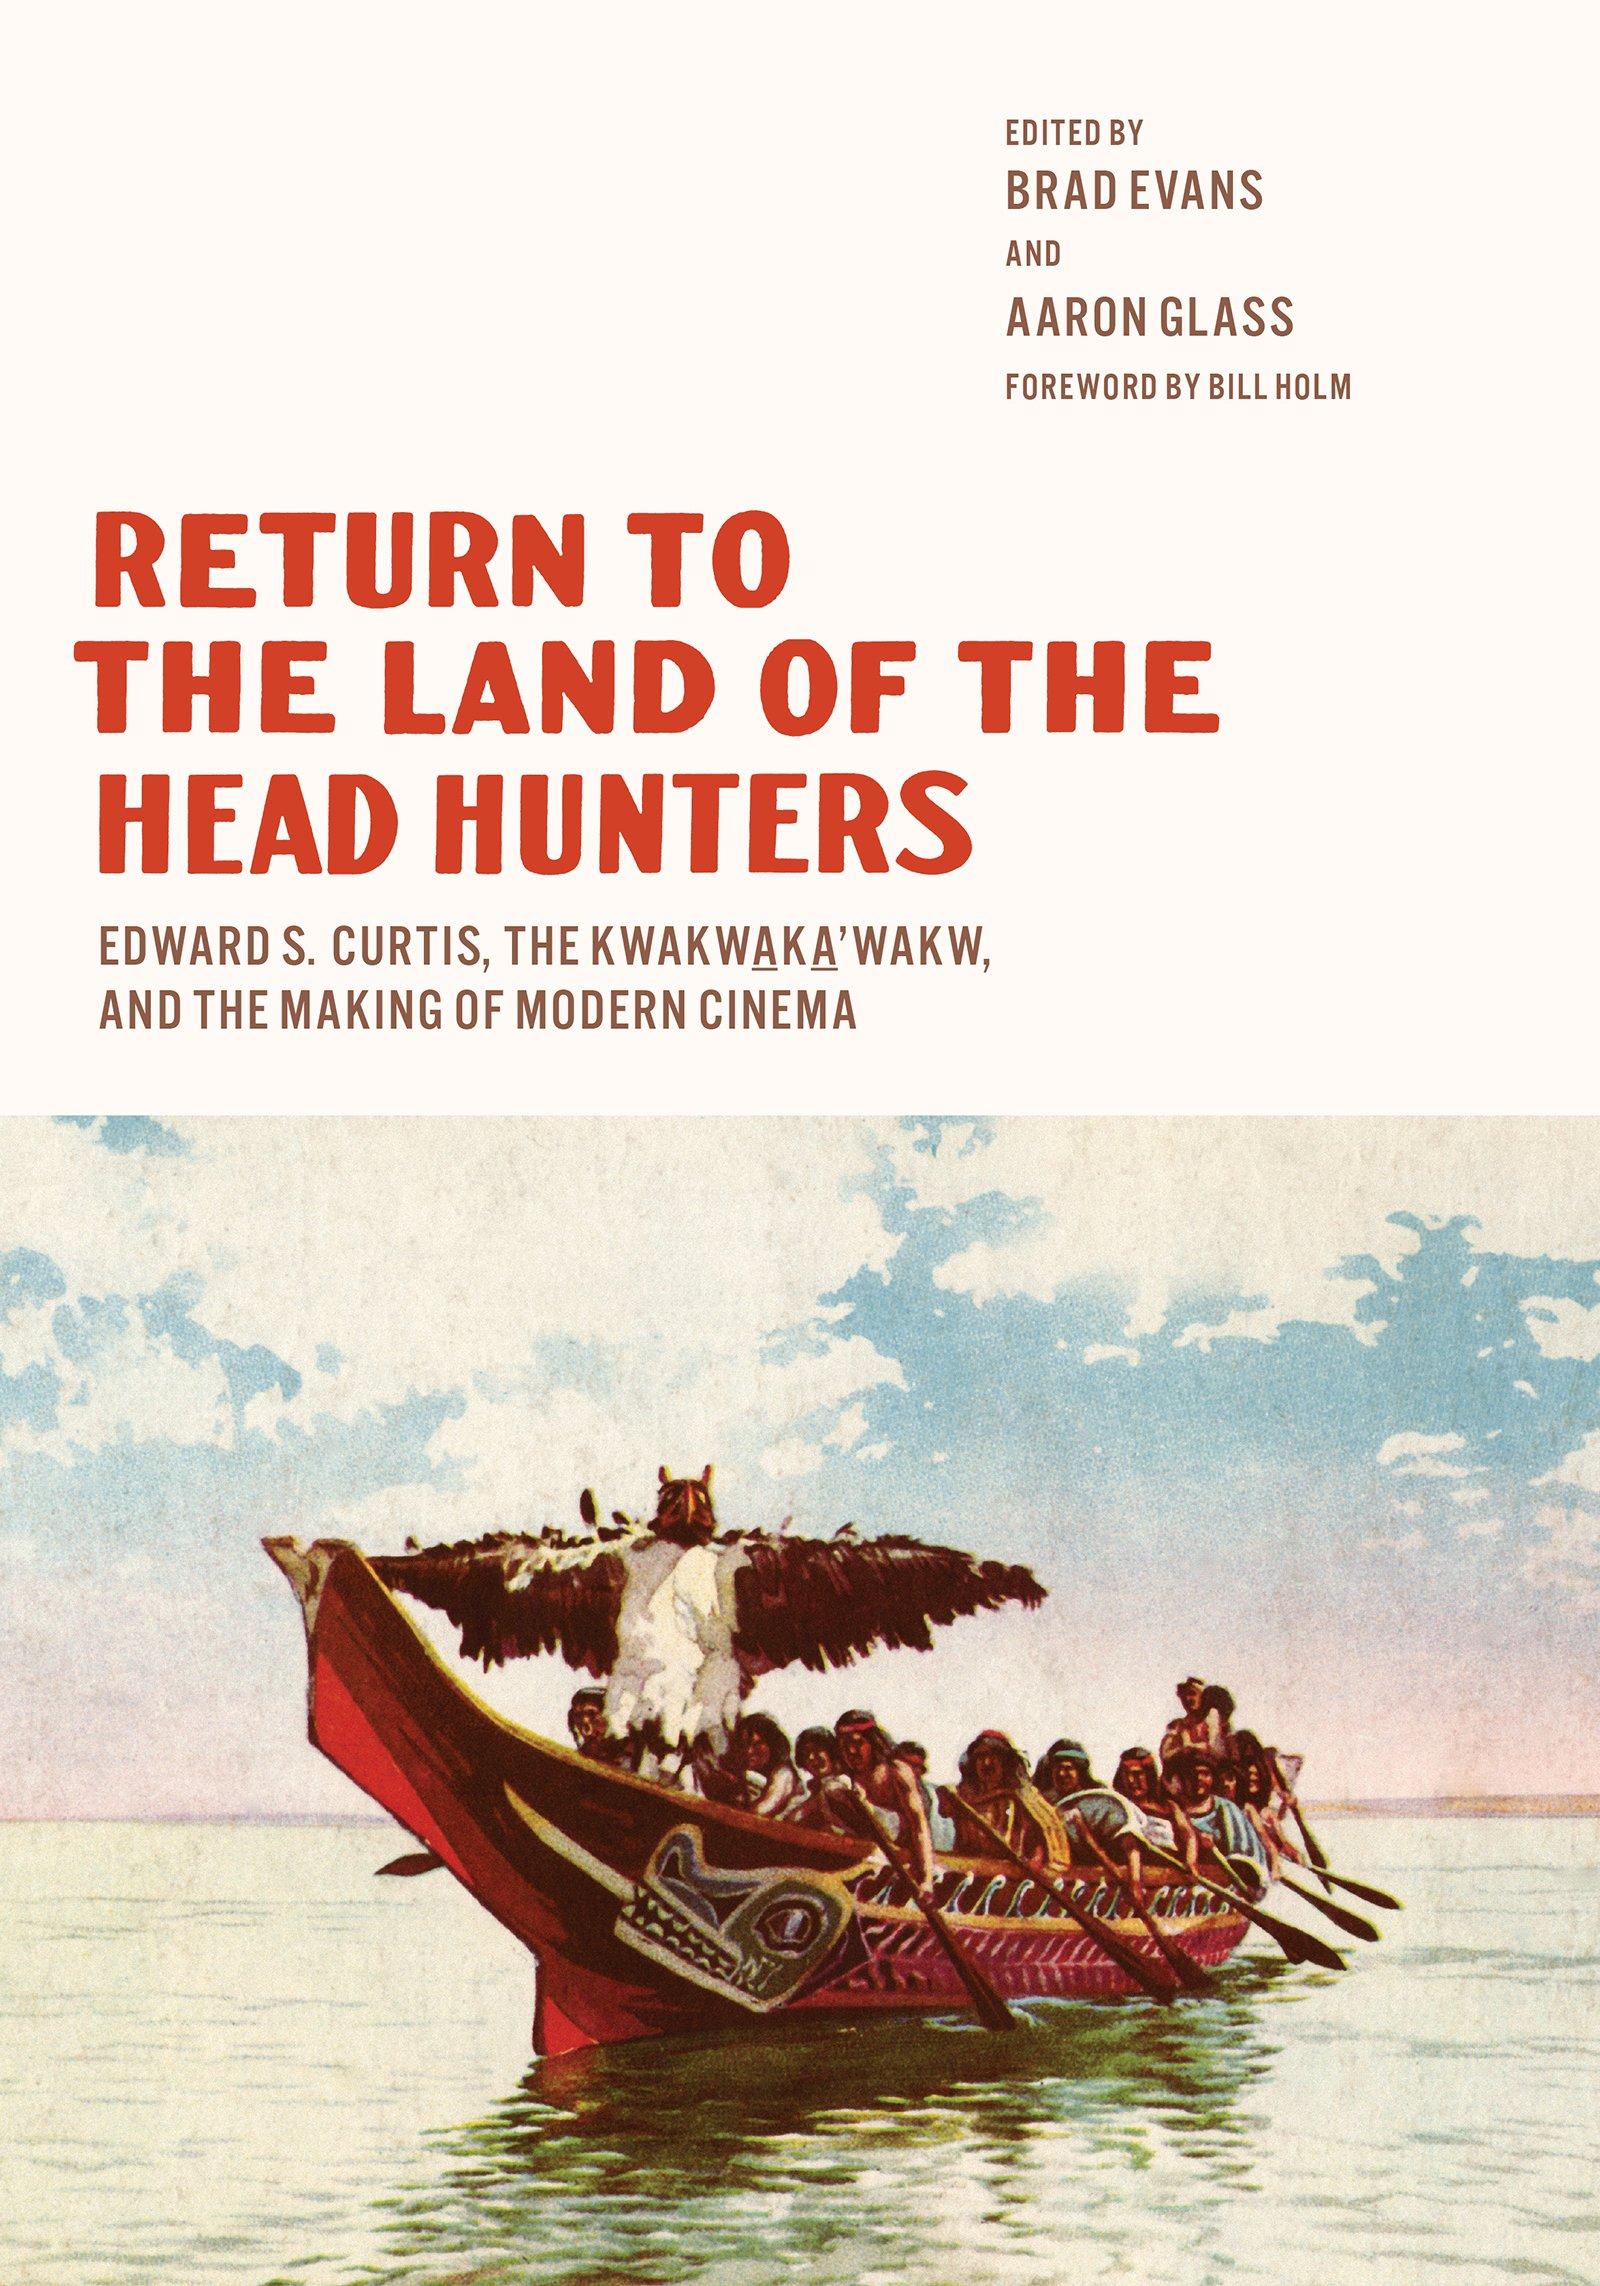 Return Land Head Hunters Kwakwakawakw product image